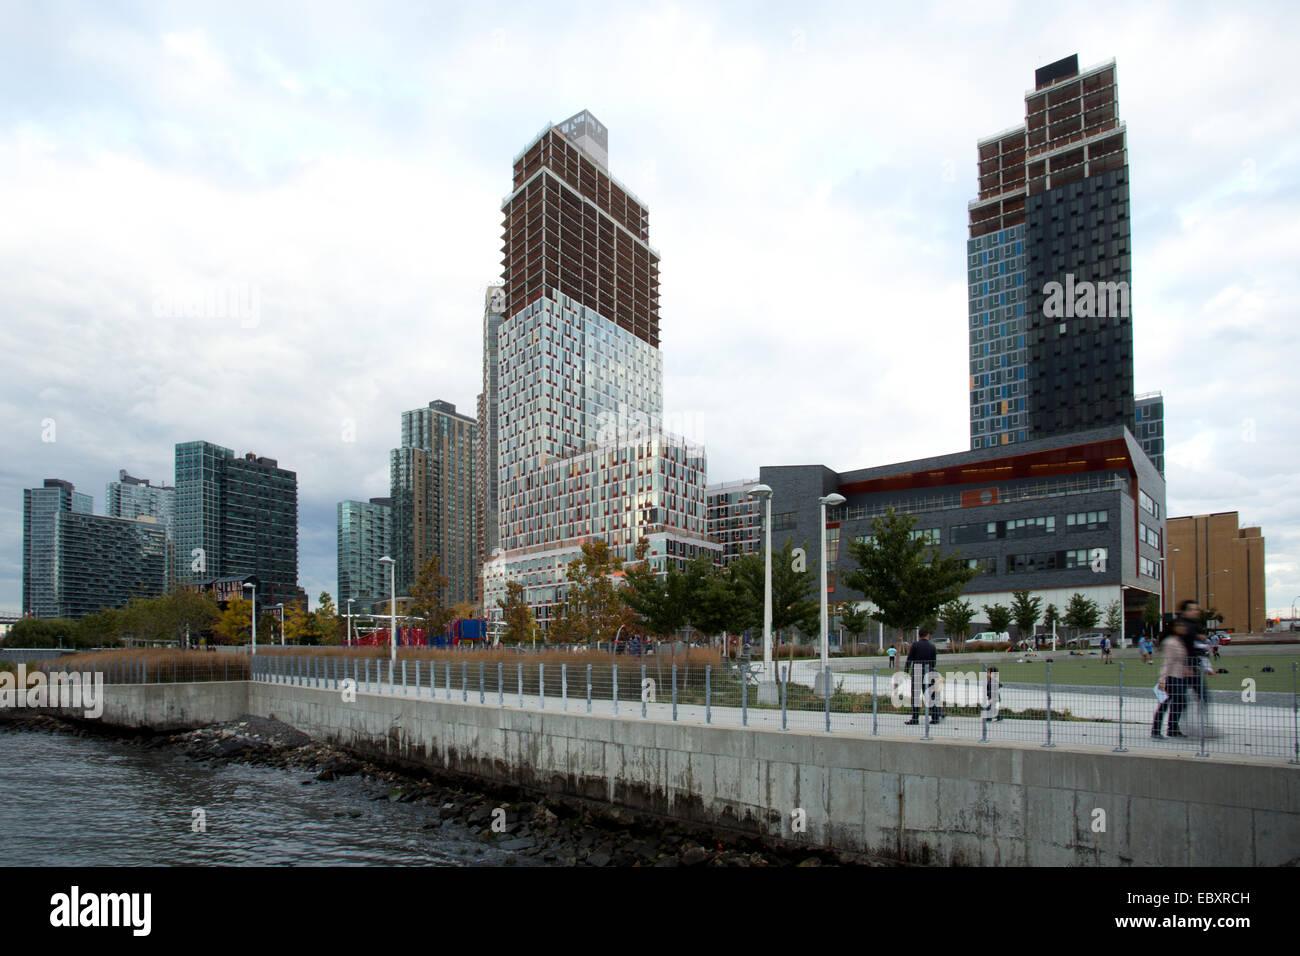 Il cacciatore punto a sud di Long Island City, Queens, NY, STATI UNITI D'AMERICA, la città di New York, Immagini Stock